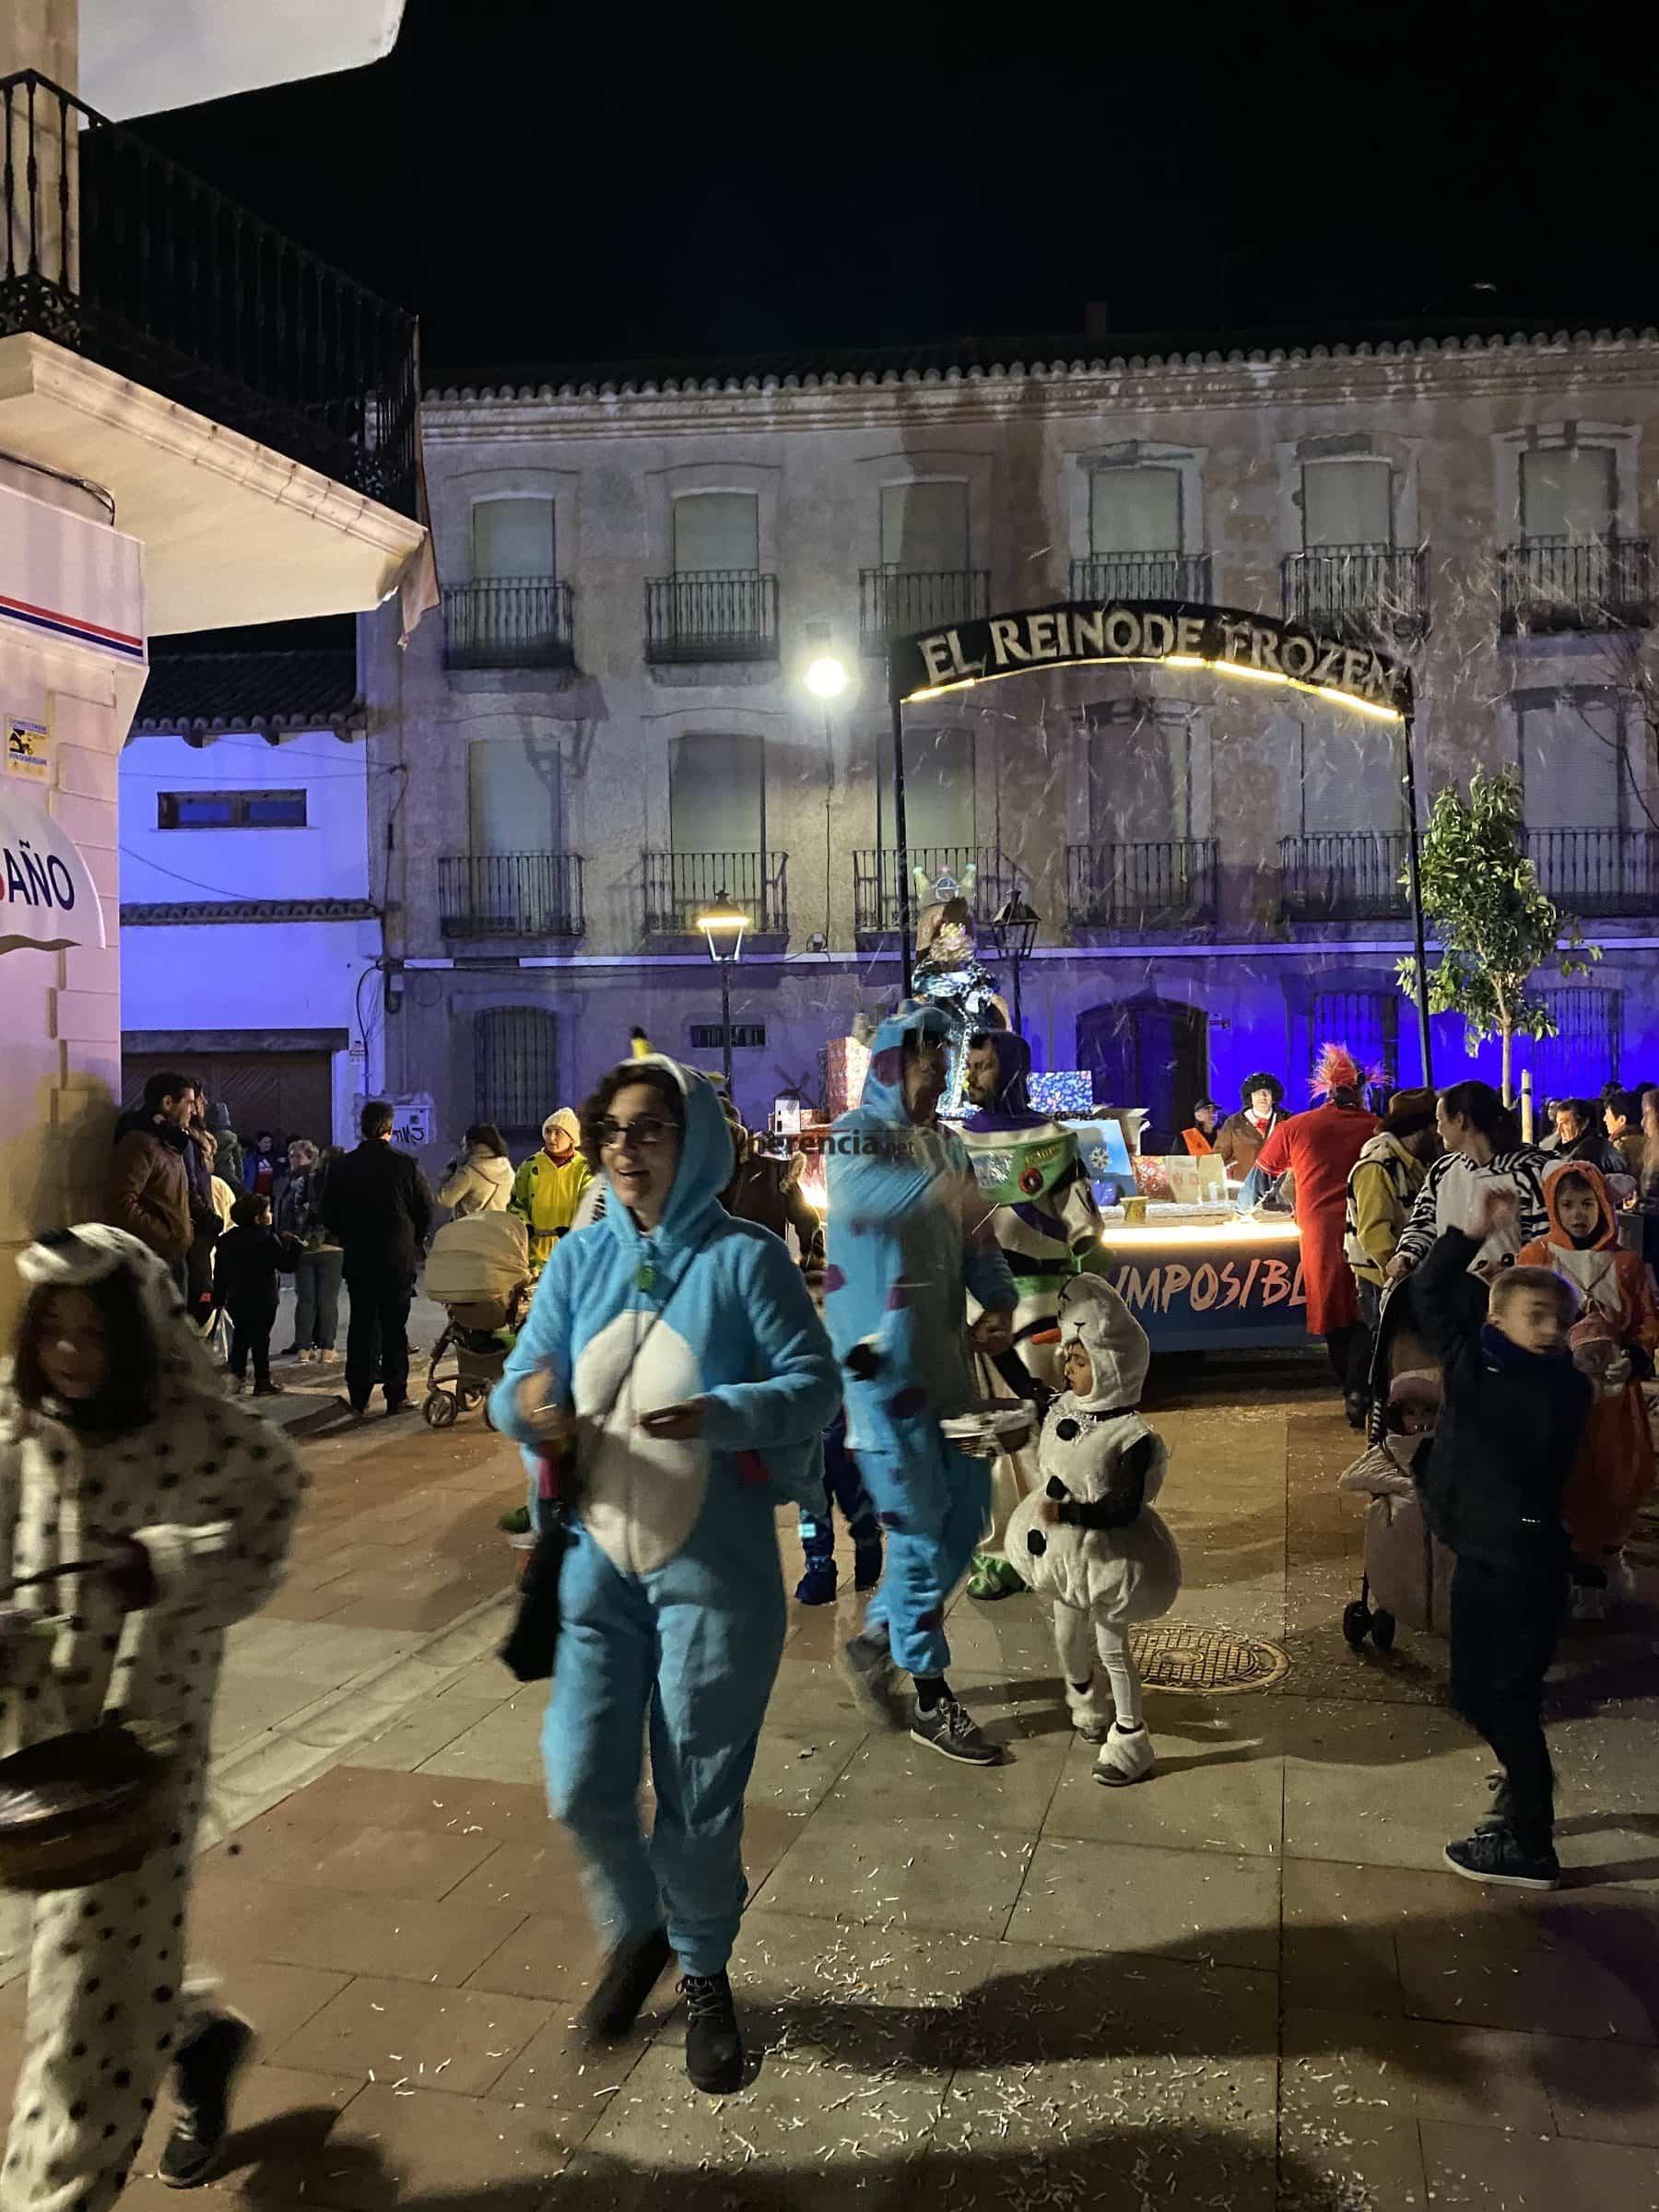 cabalgata reyes 2019 herencia 6 e1578264156979 - Galería de fotografías de Cabalgata de Reyes Magos de Herencia